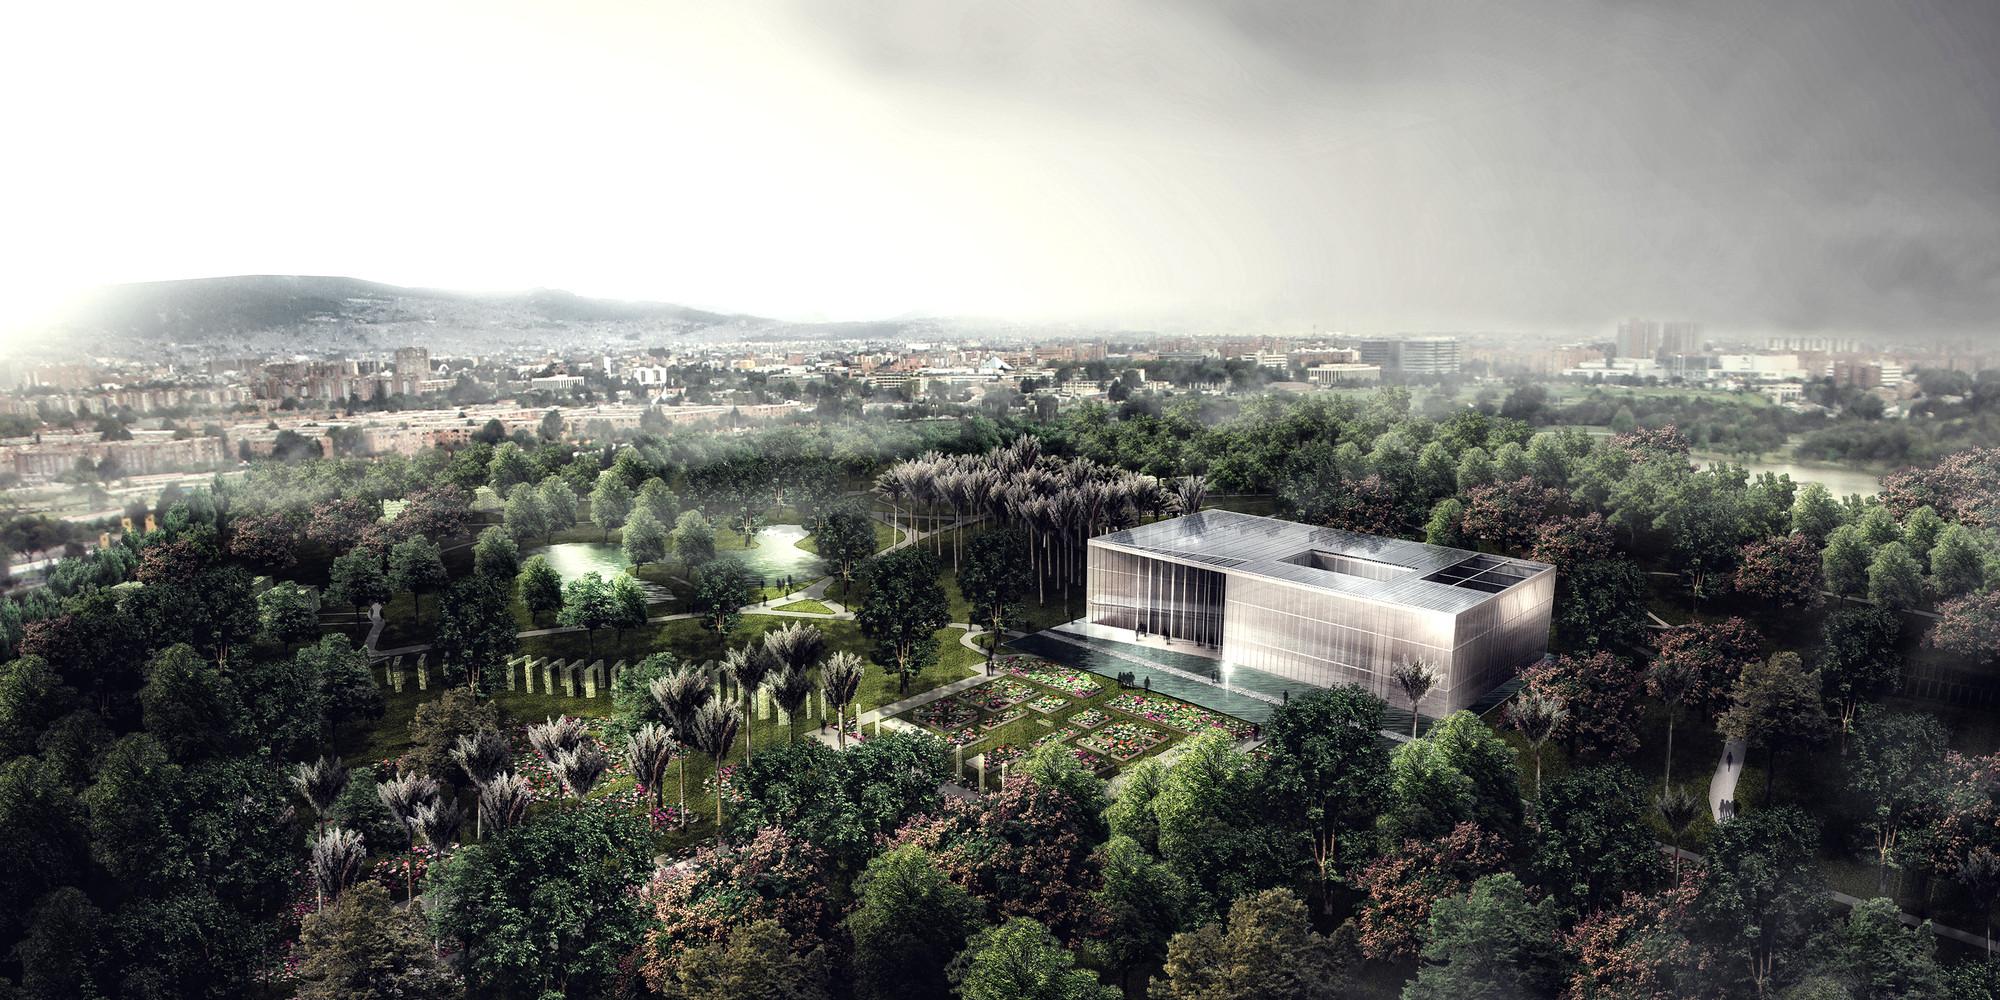 Segundo lugar en concurso público para el diseño del nuevo Tropicario del Jardín Botánico / Bogotá, Colombia, Vista general. Image Courtesy of Equipo Segundo Lugar